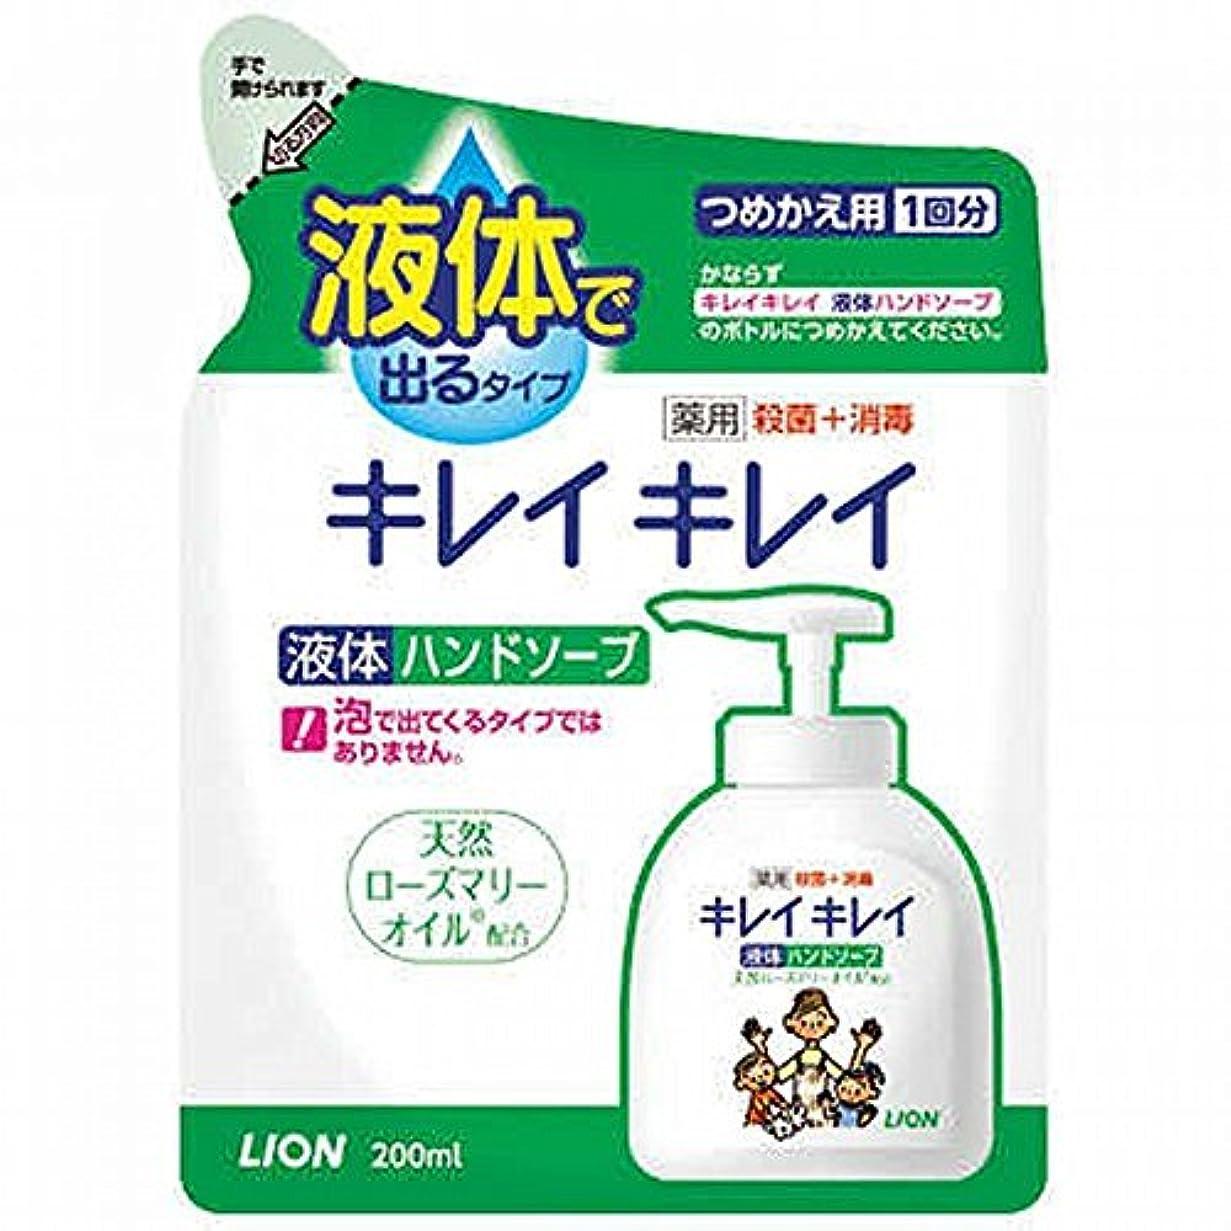 鷹是正するマニアックキレイキレイ 薬用液体ハンドソープ  詰替用 200ml ×10個セット